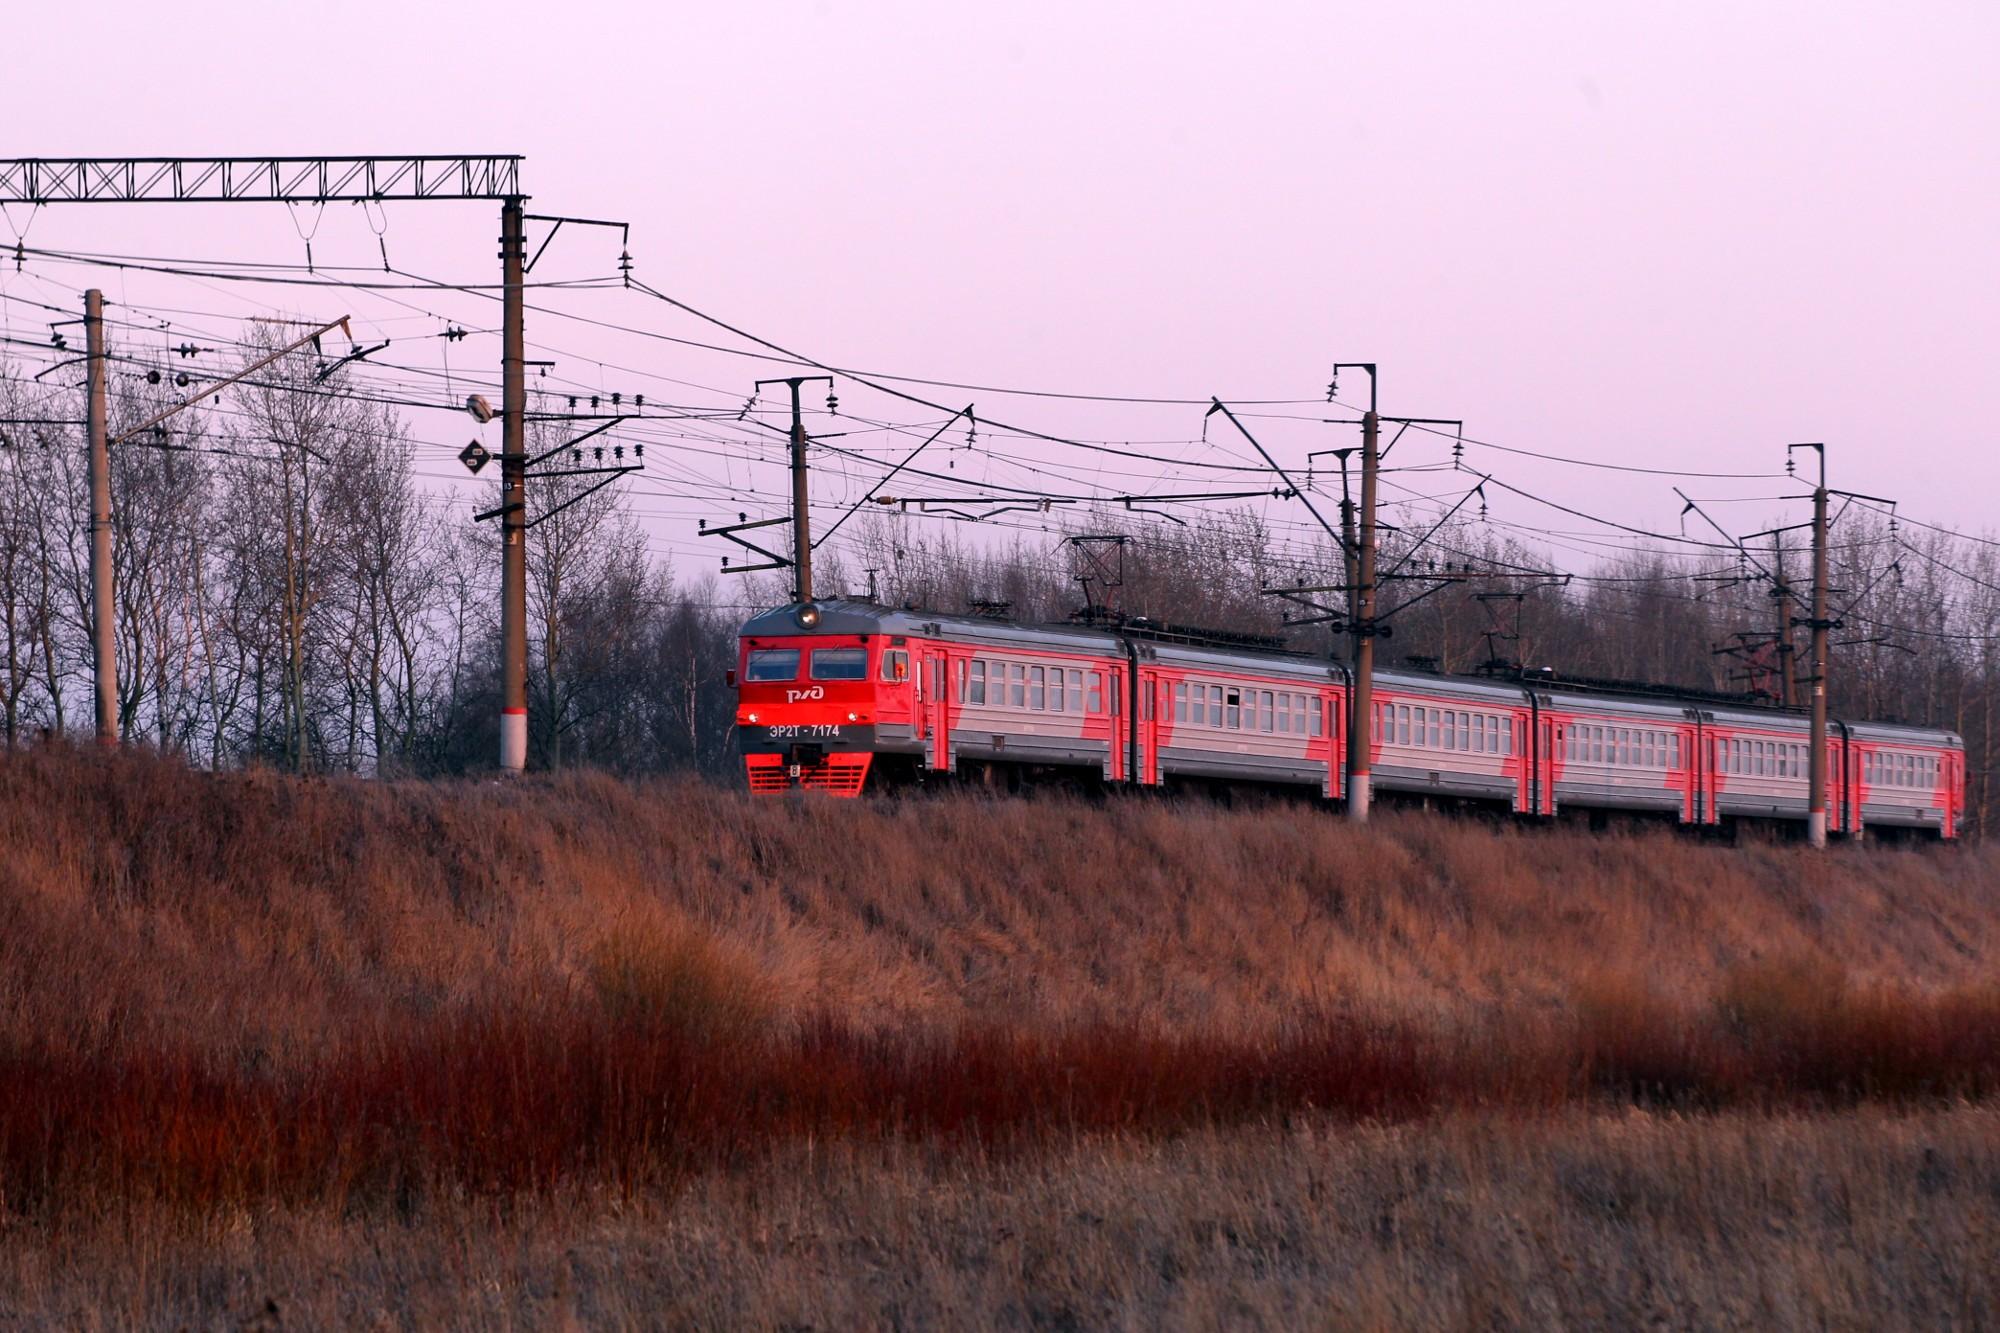 электричка электропоезд варшавское направление железная дорога железнодорожный транспорт